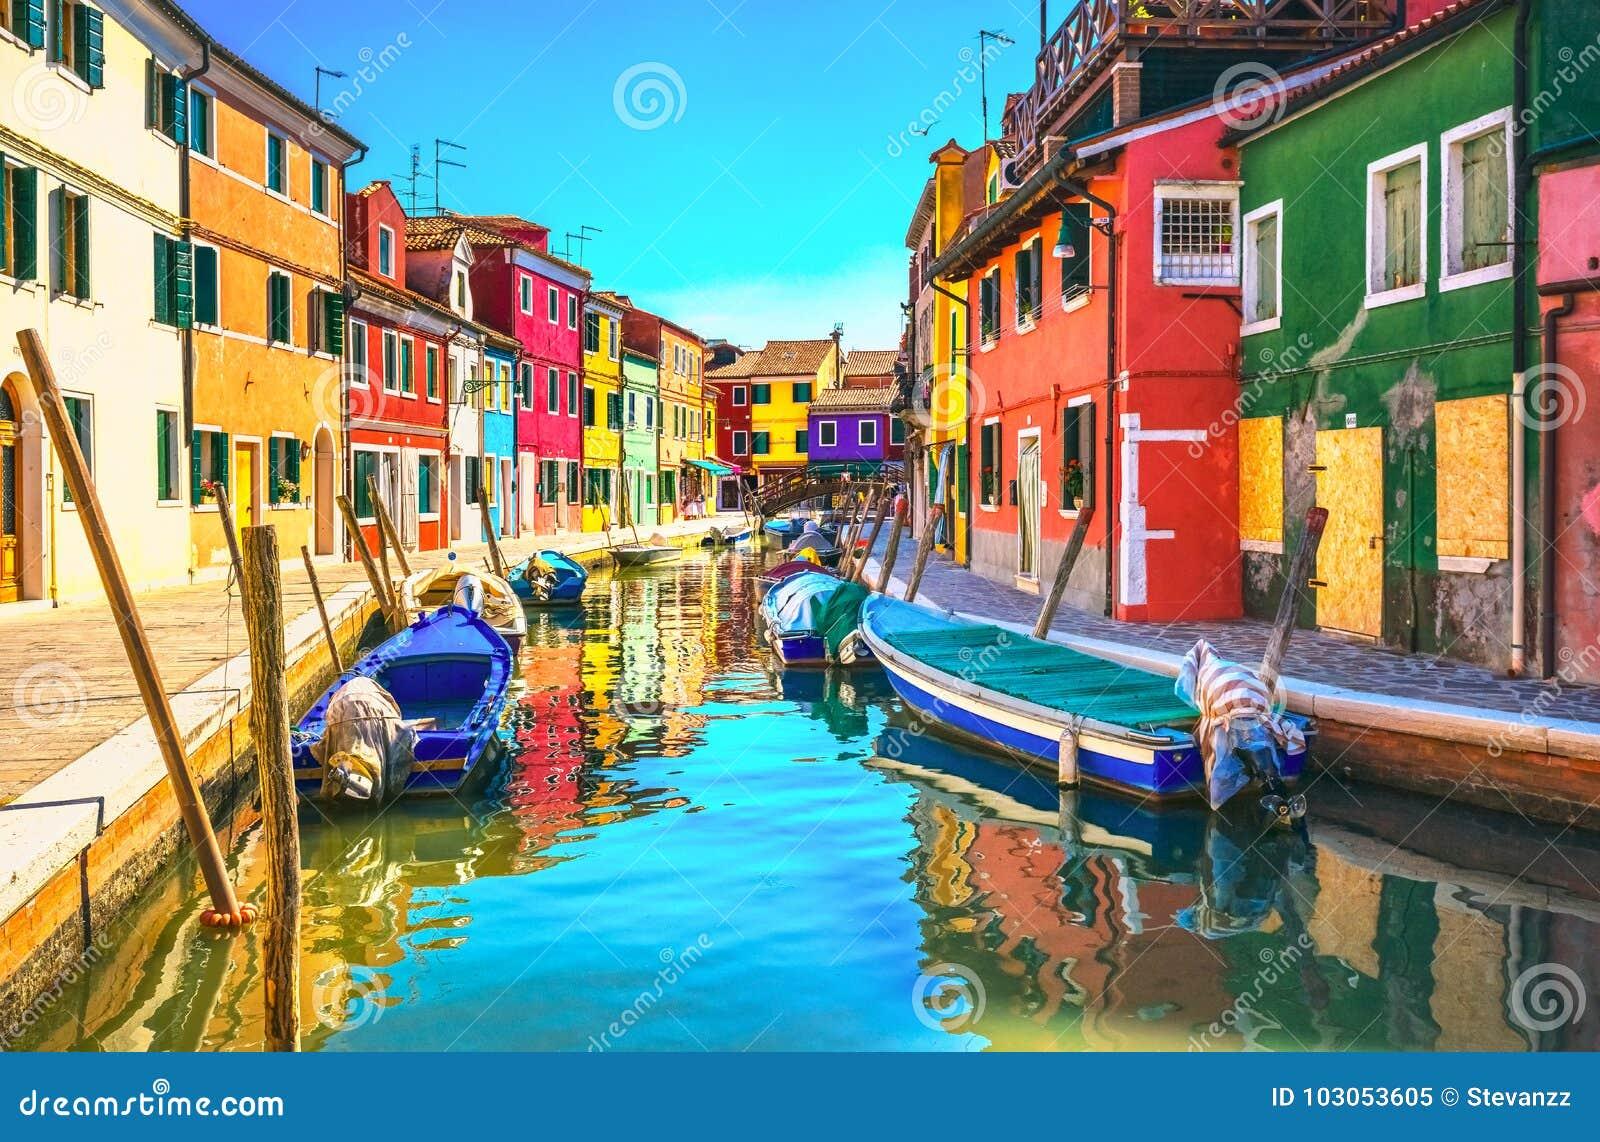 Marco de Veneza, de ilha de Burano canal, casas coloridas e barcos,